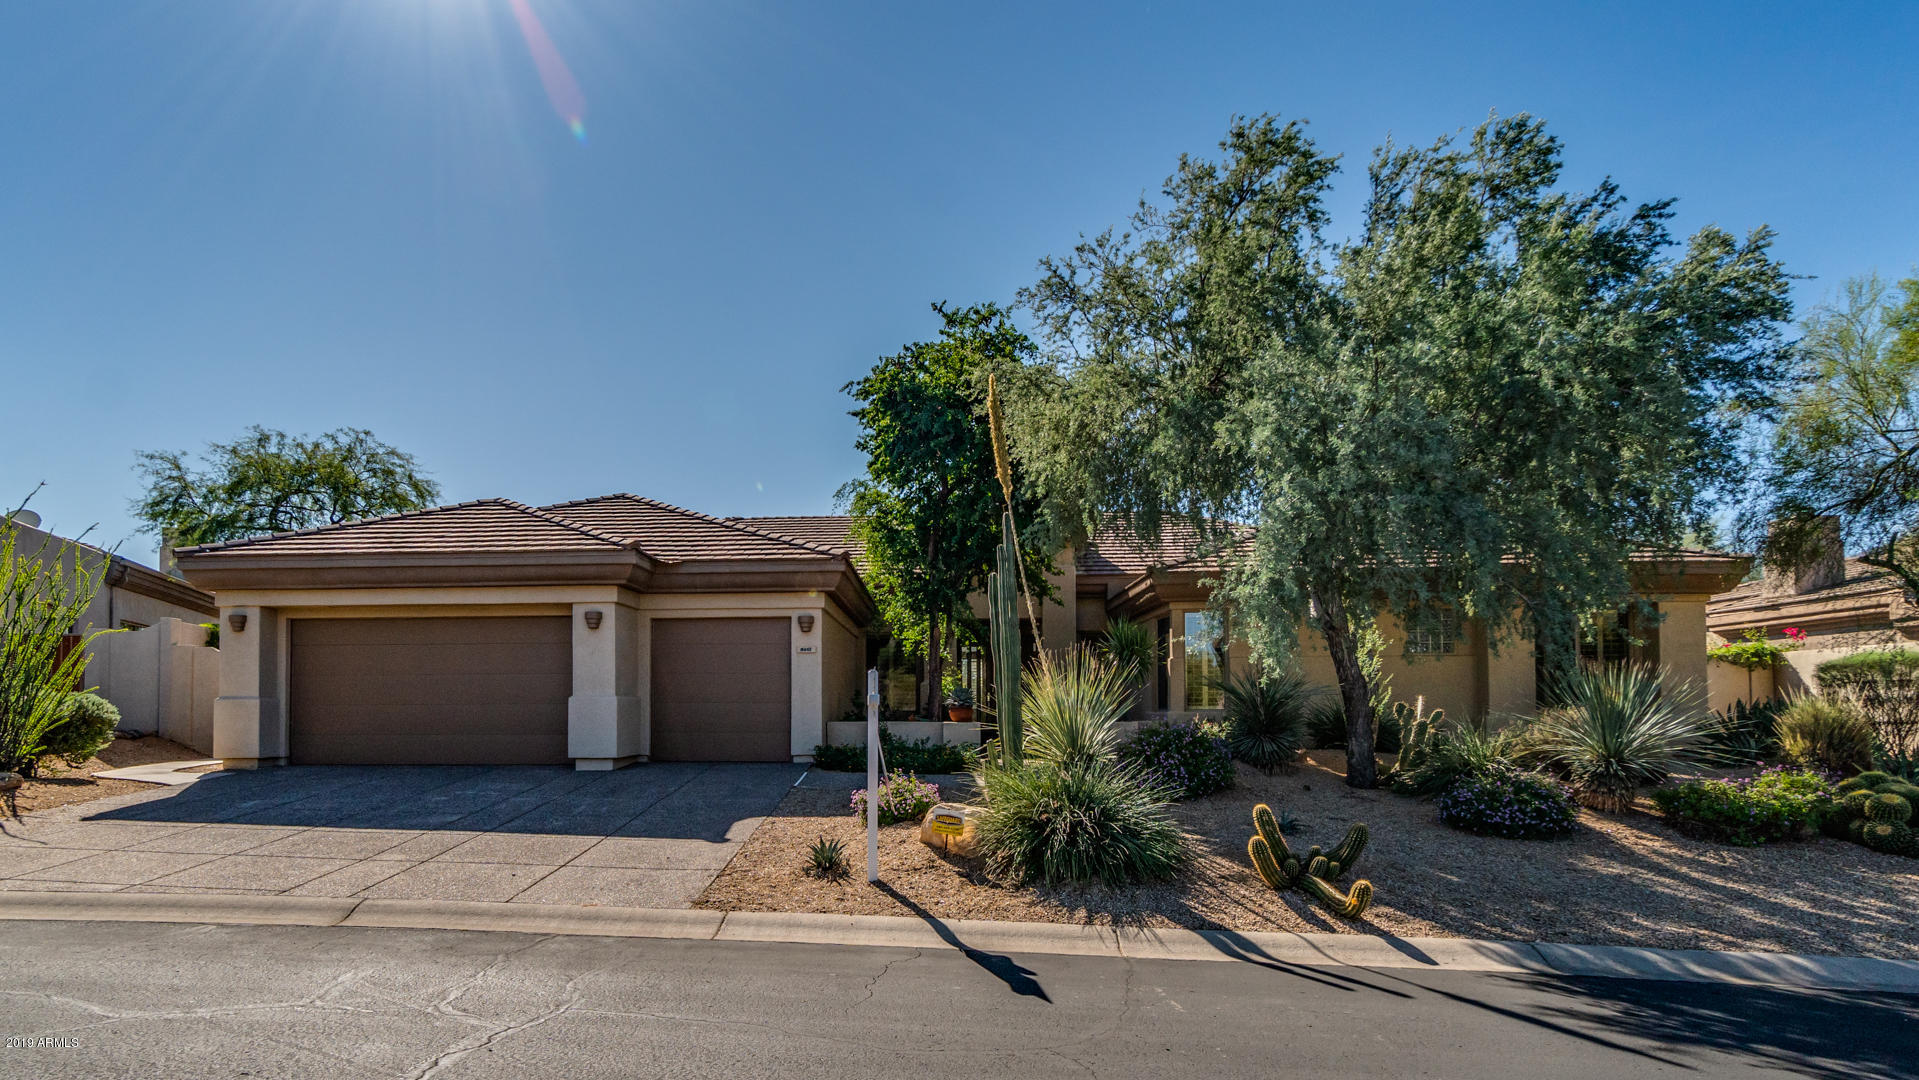 Photo of 6461 E CRESTED SAGUARO Lane, Scottsdale, AZ 85266